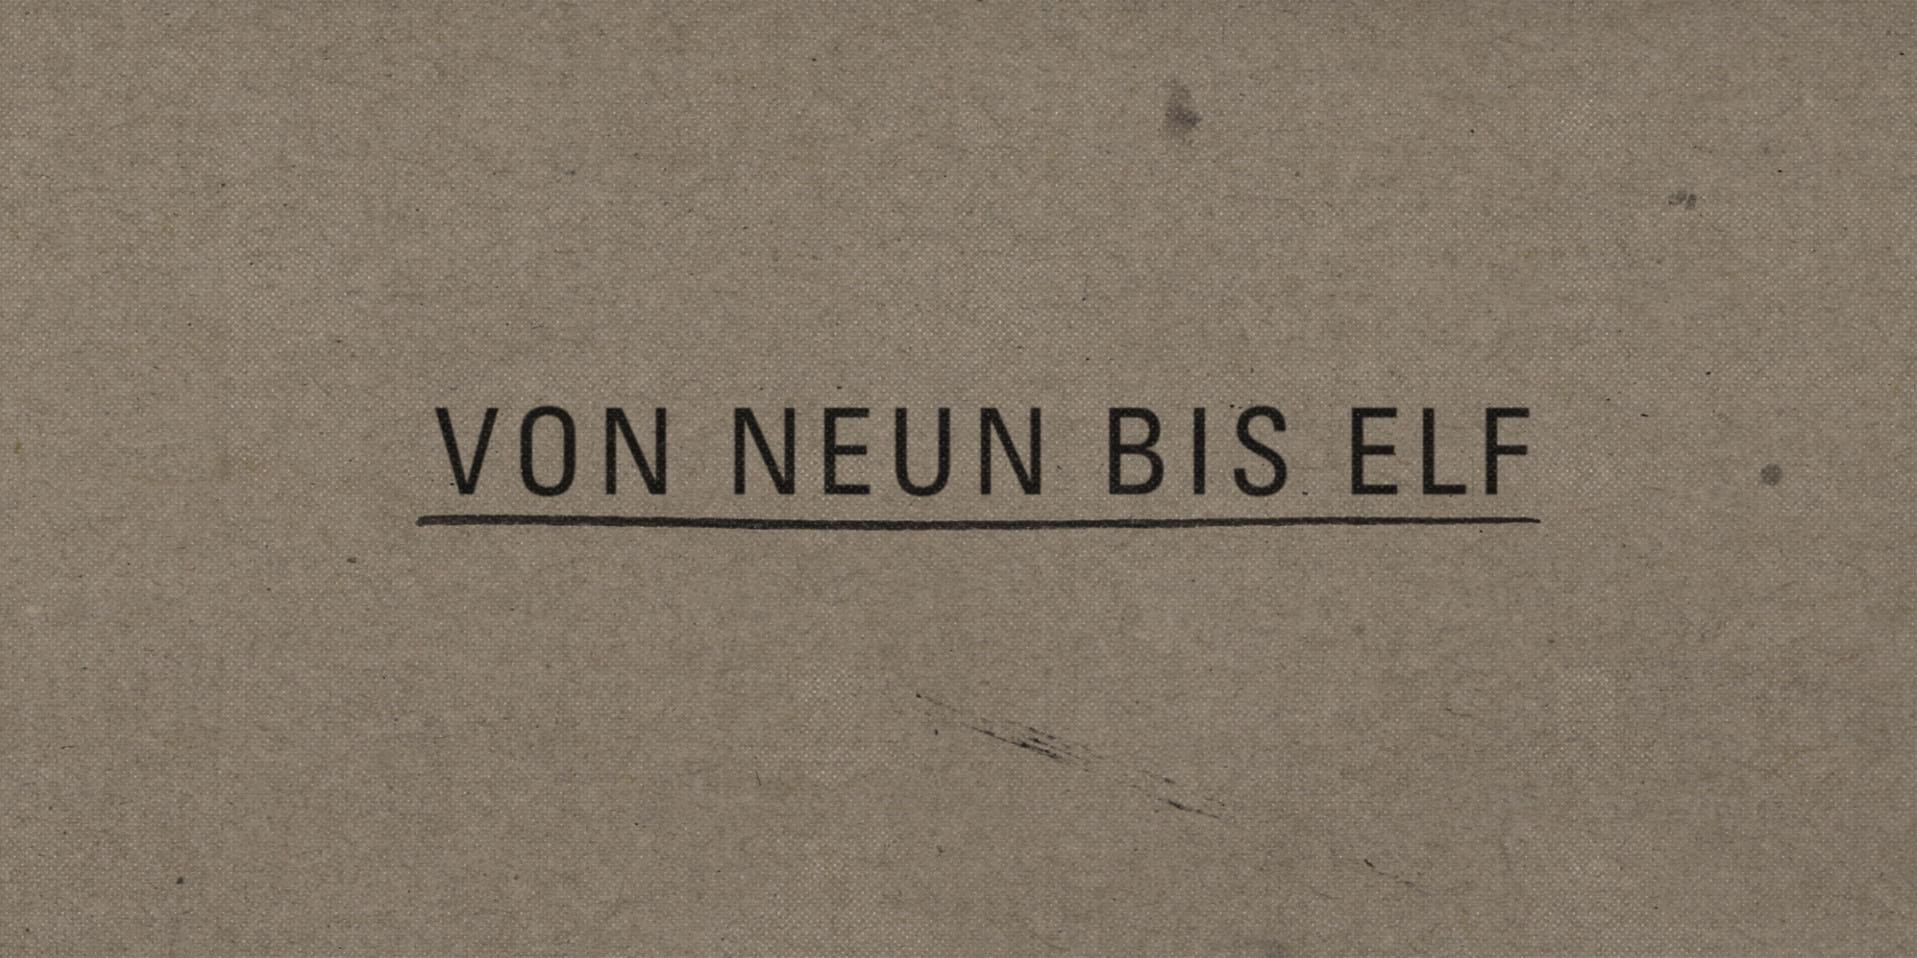 VON NEUN BIS ELF © Georg Meyer